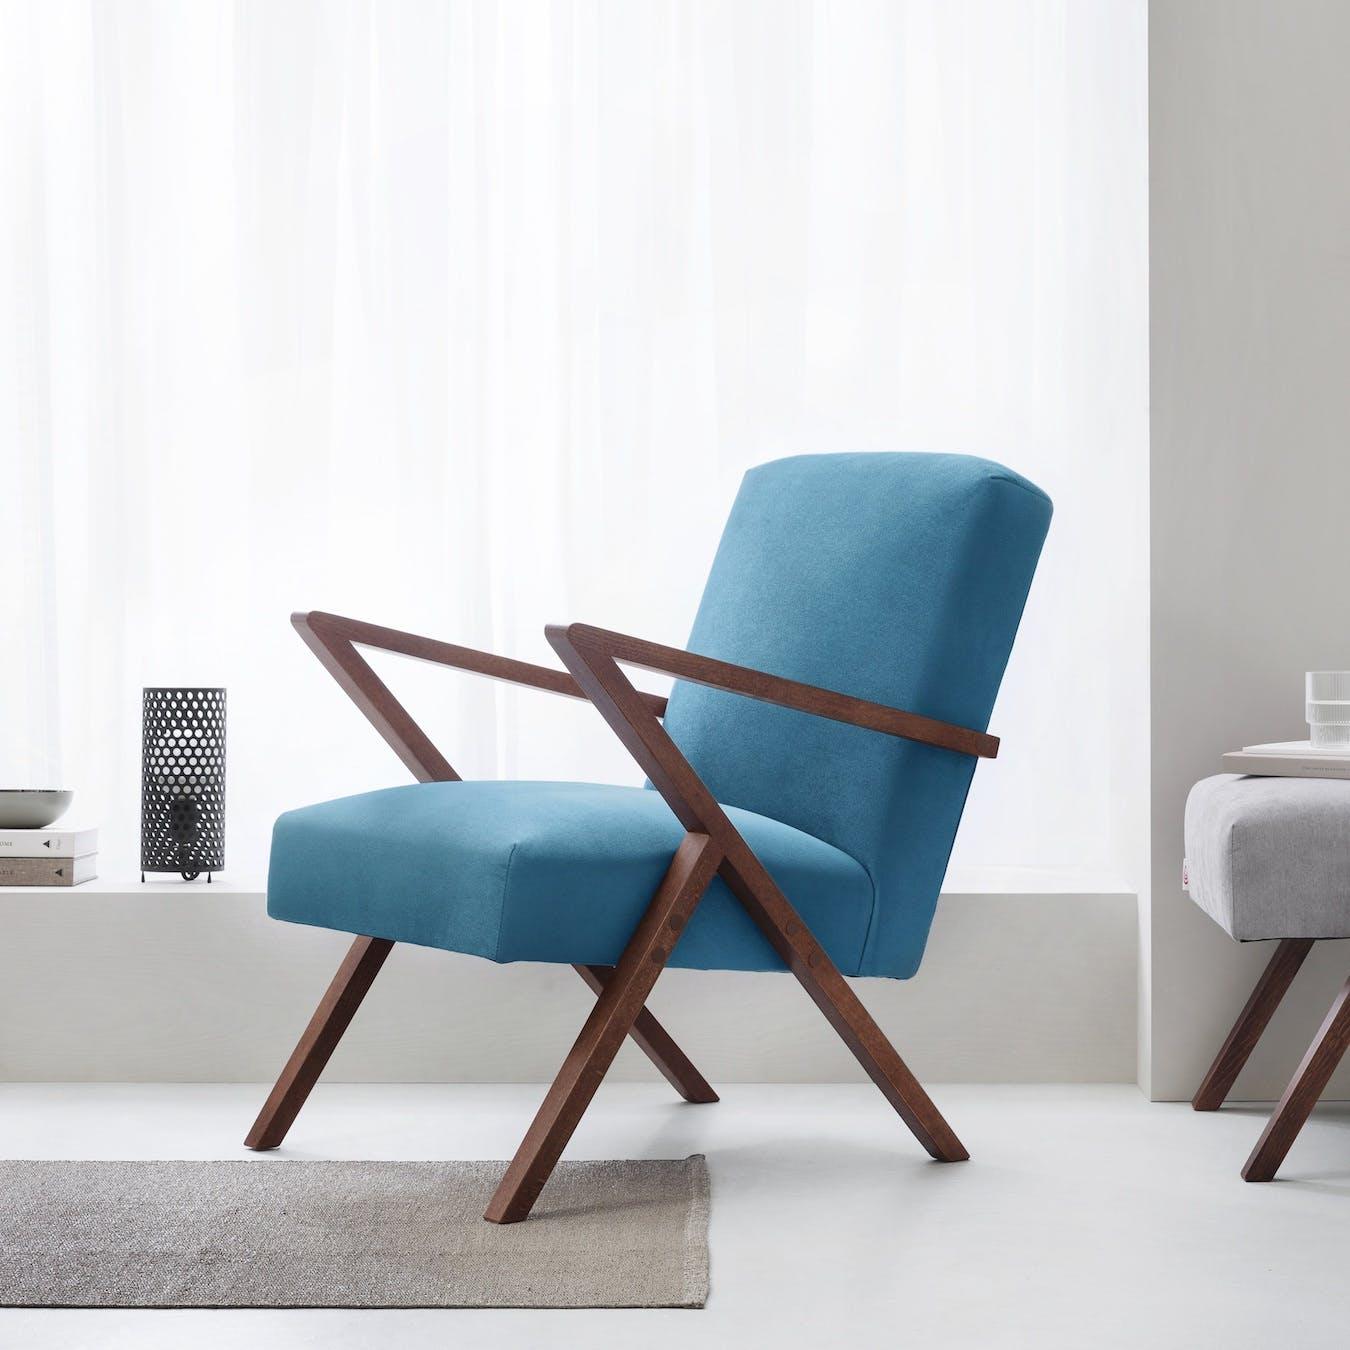 Retrostar Chair - Velvet Line in Ocean Blue